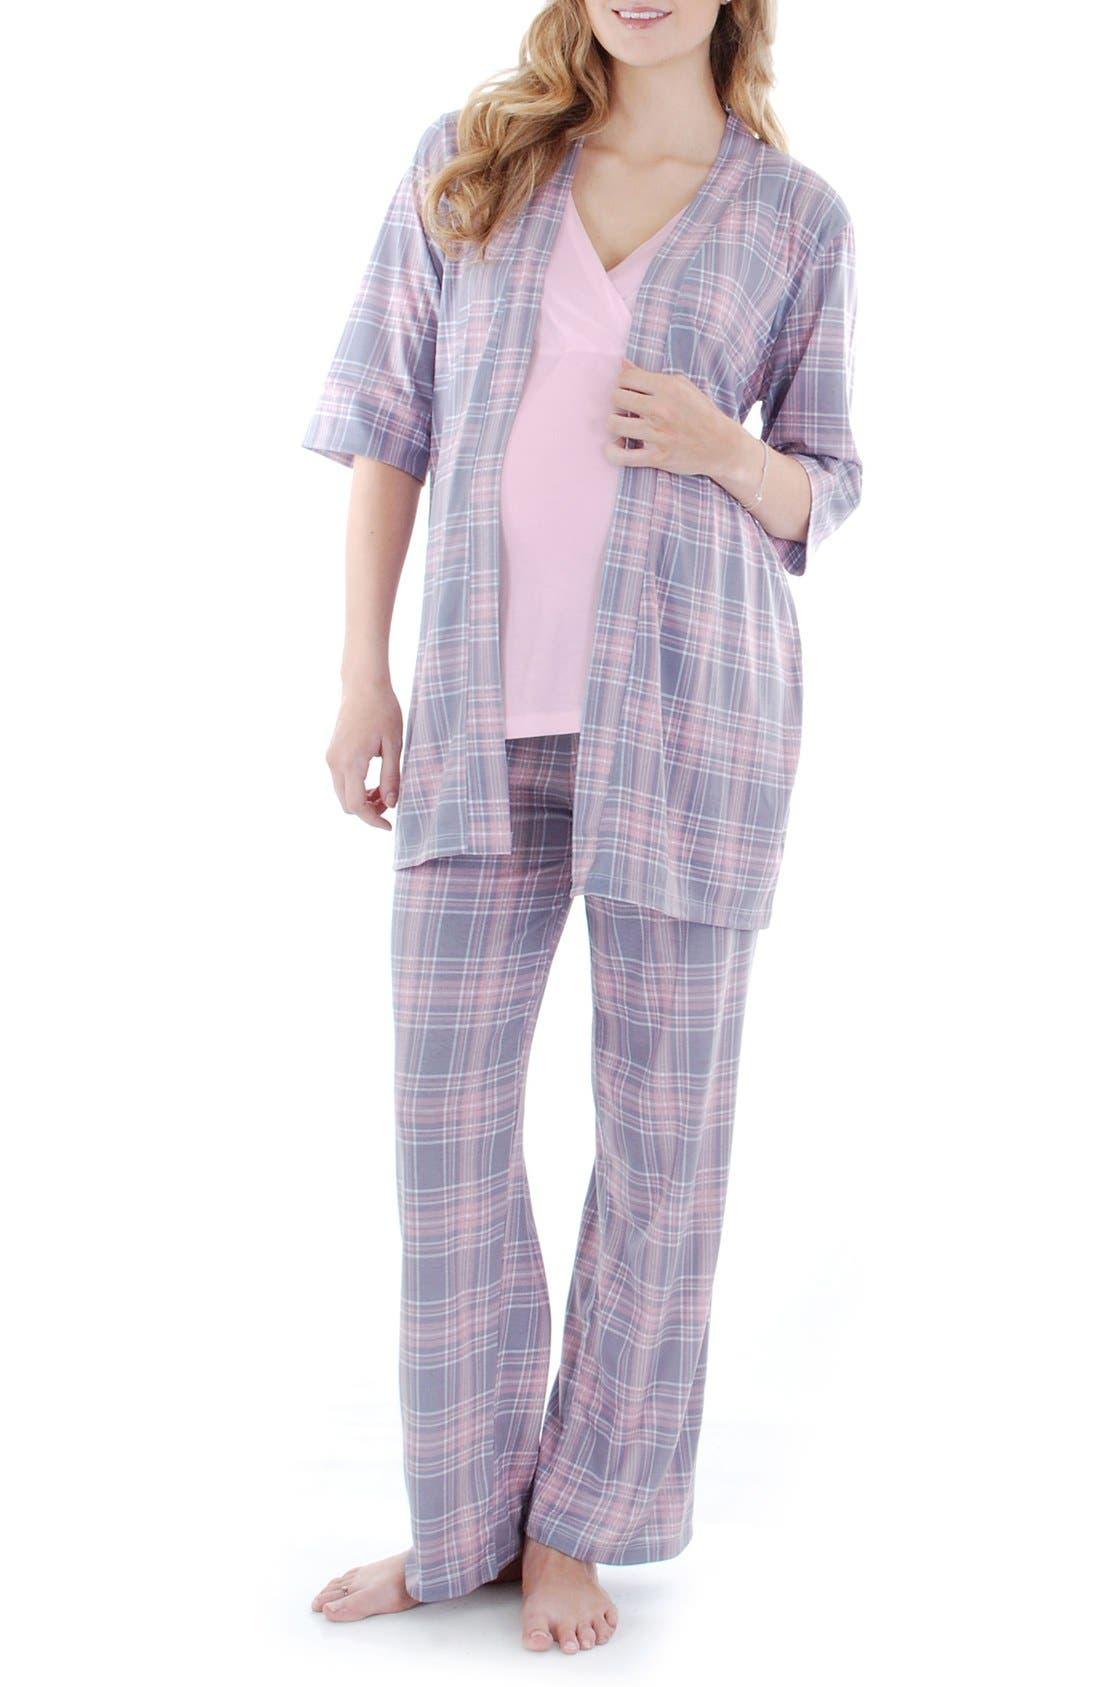 Susan 5-Piece Maternity/Nursing Pajama Set,                         Main,                         color, Pink Plaid